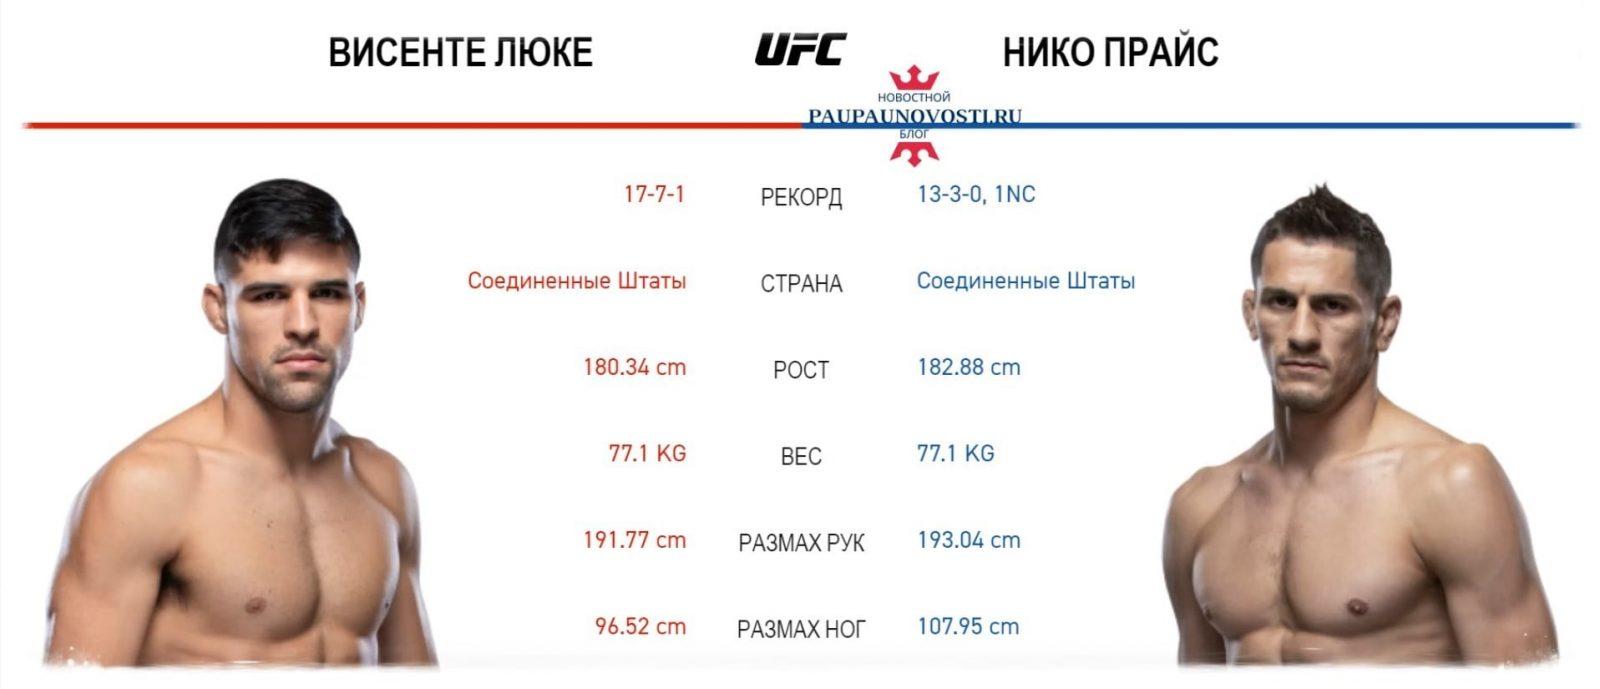 oficialno-ufc-249-ferguson-vs-gaethje-sostoitsya-kard-data-i-uchastniki